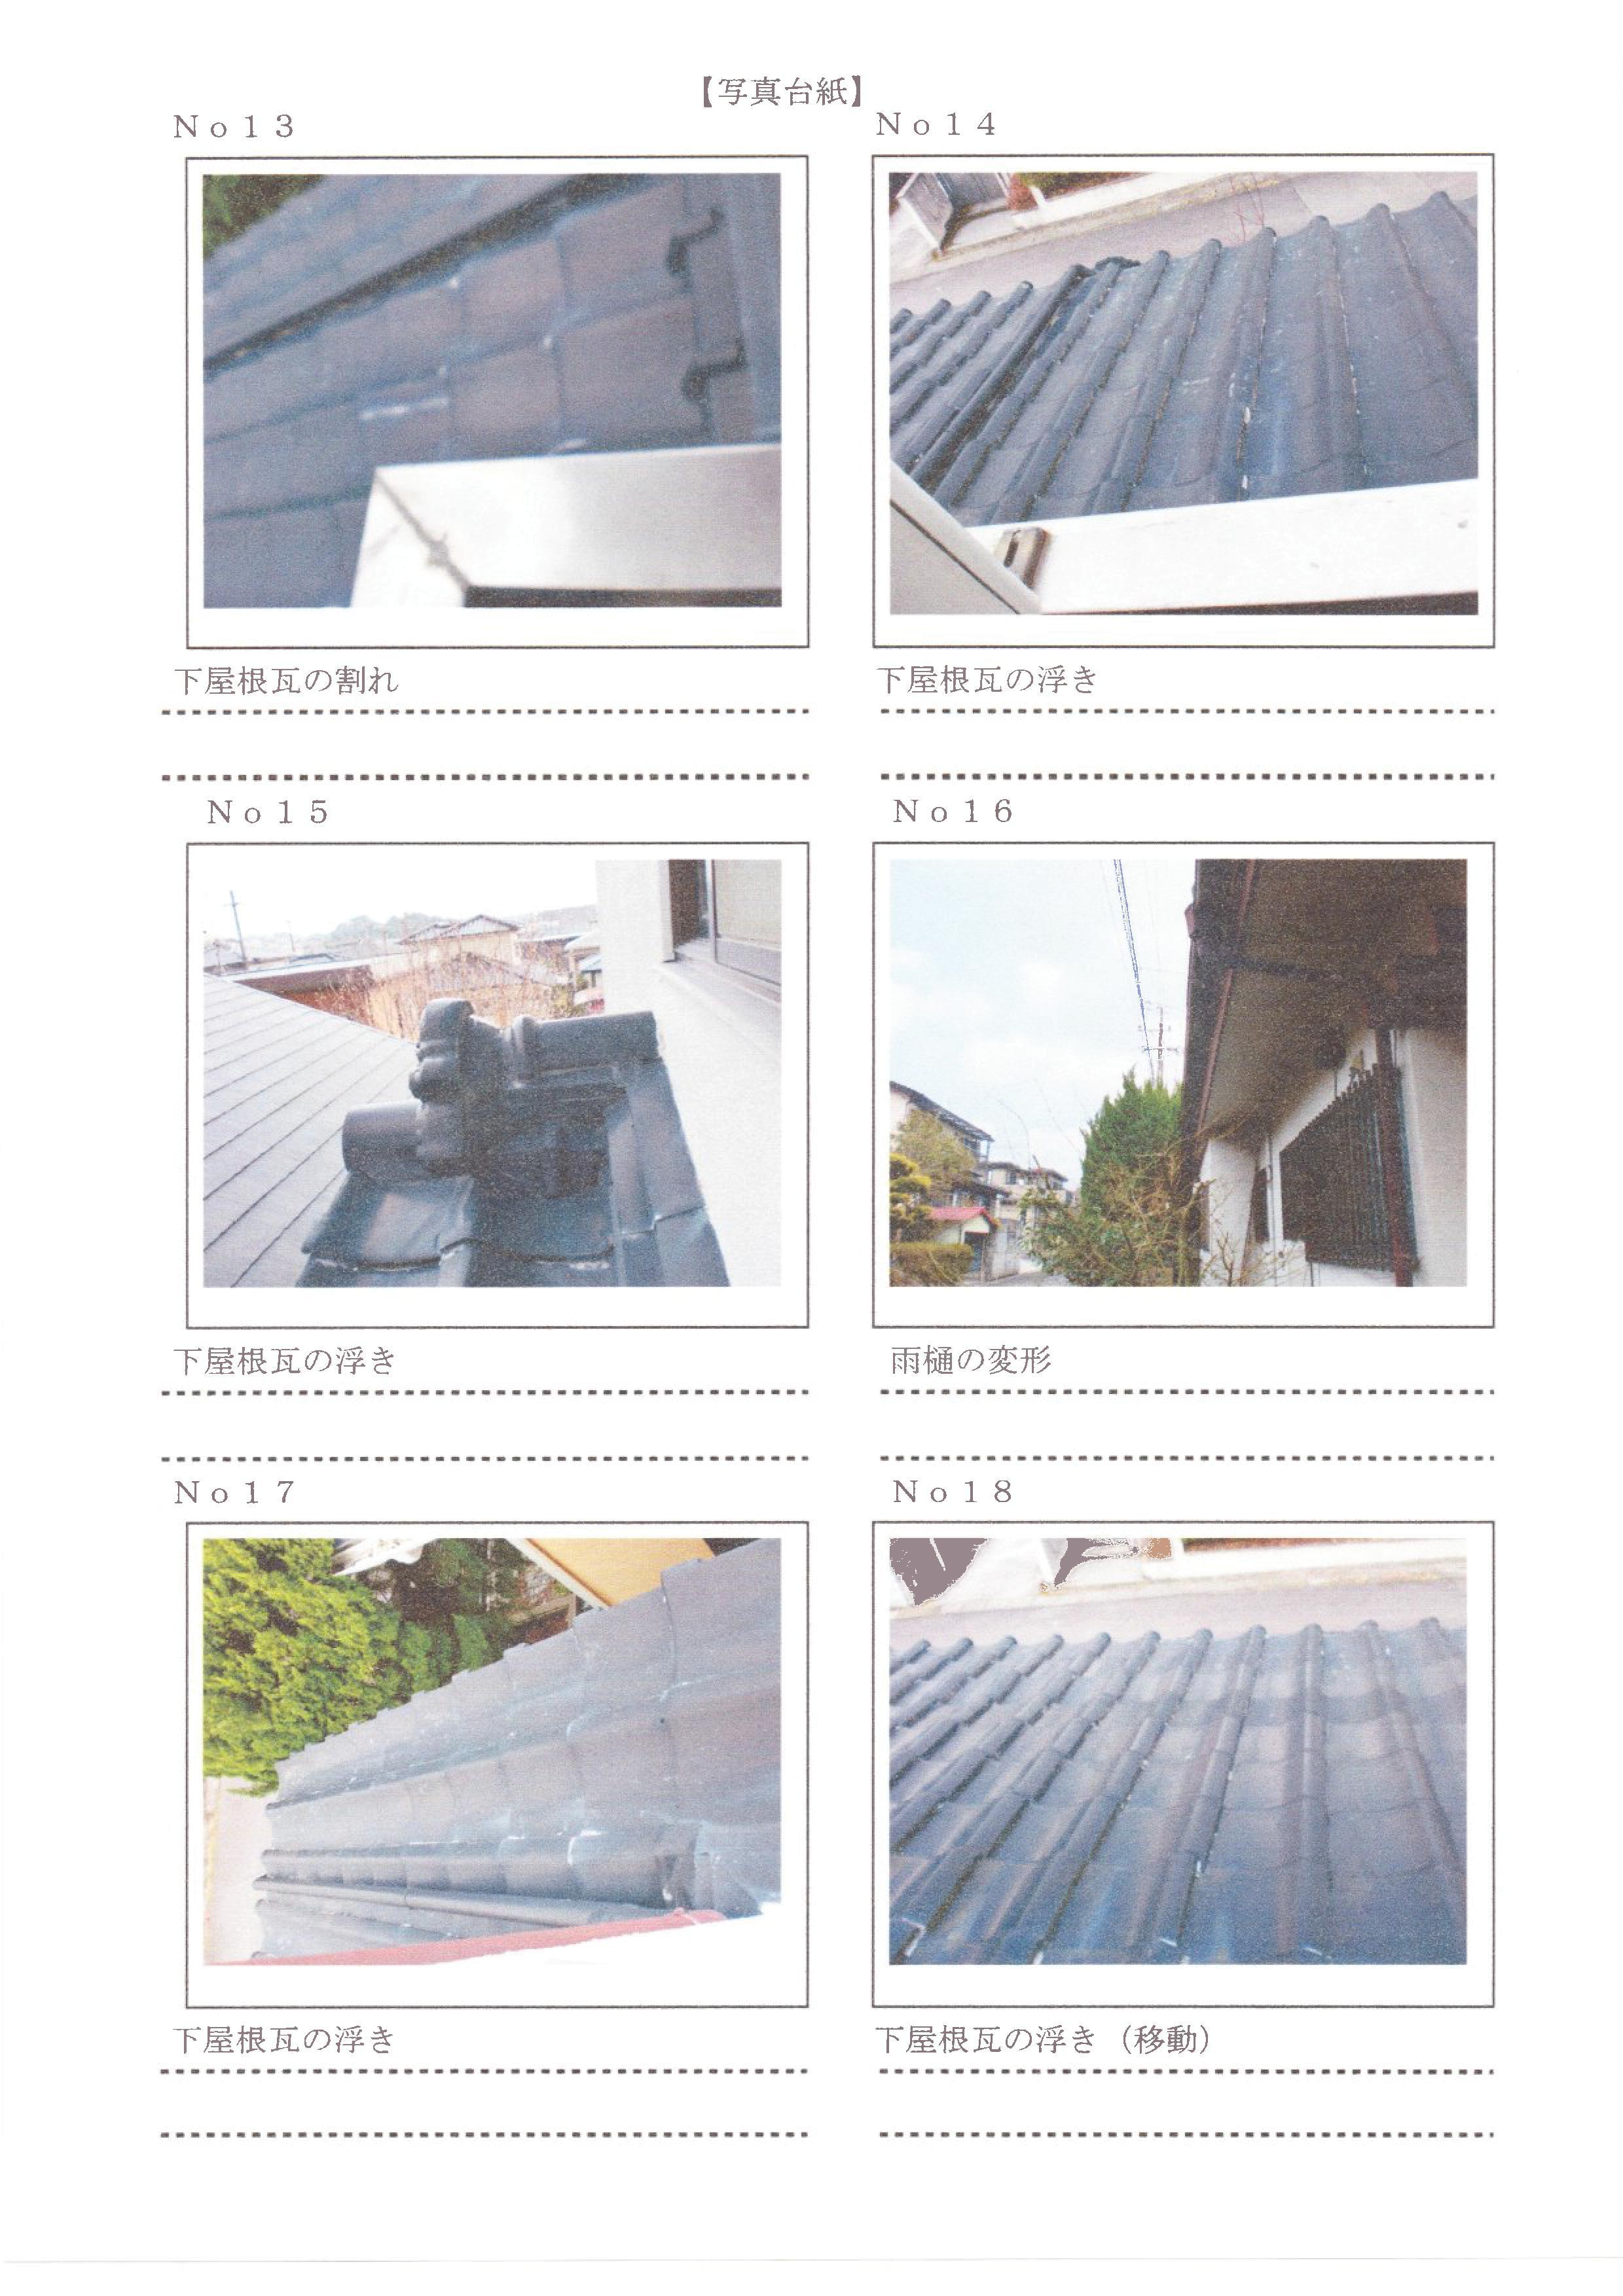 山元様 現場写真・アンテナ領収書-003